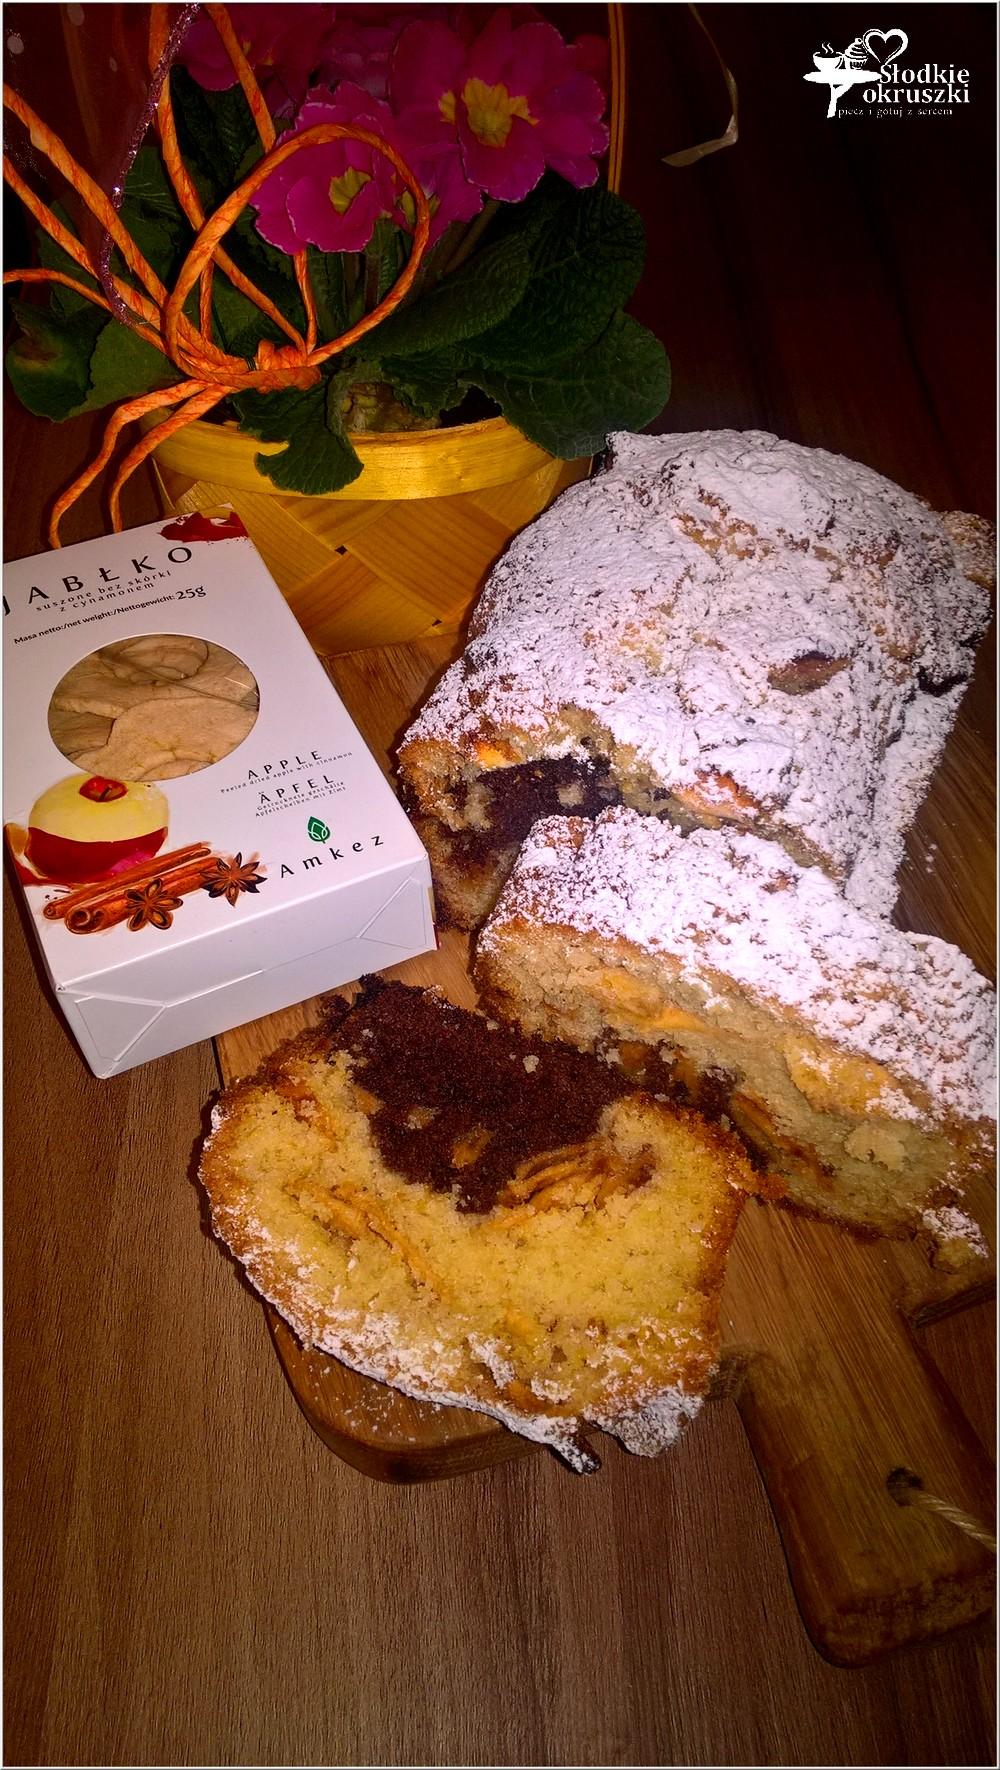 Waniliowo-kakaowe ciasto z cynamonowym jabłuszkiem (3)